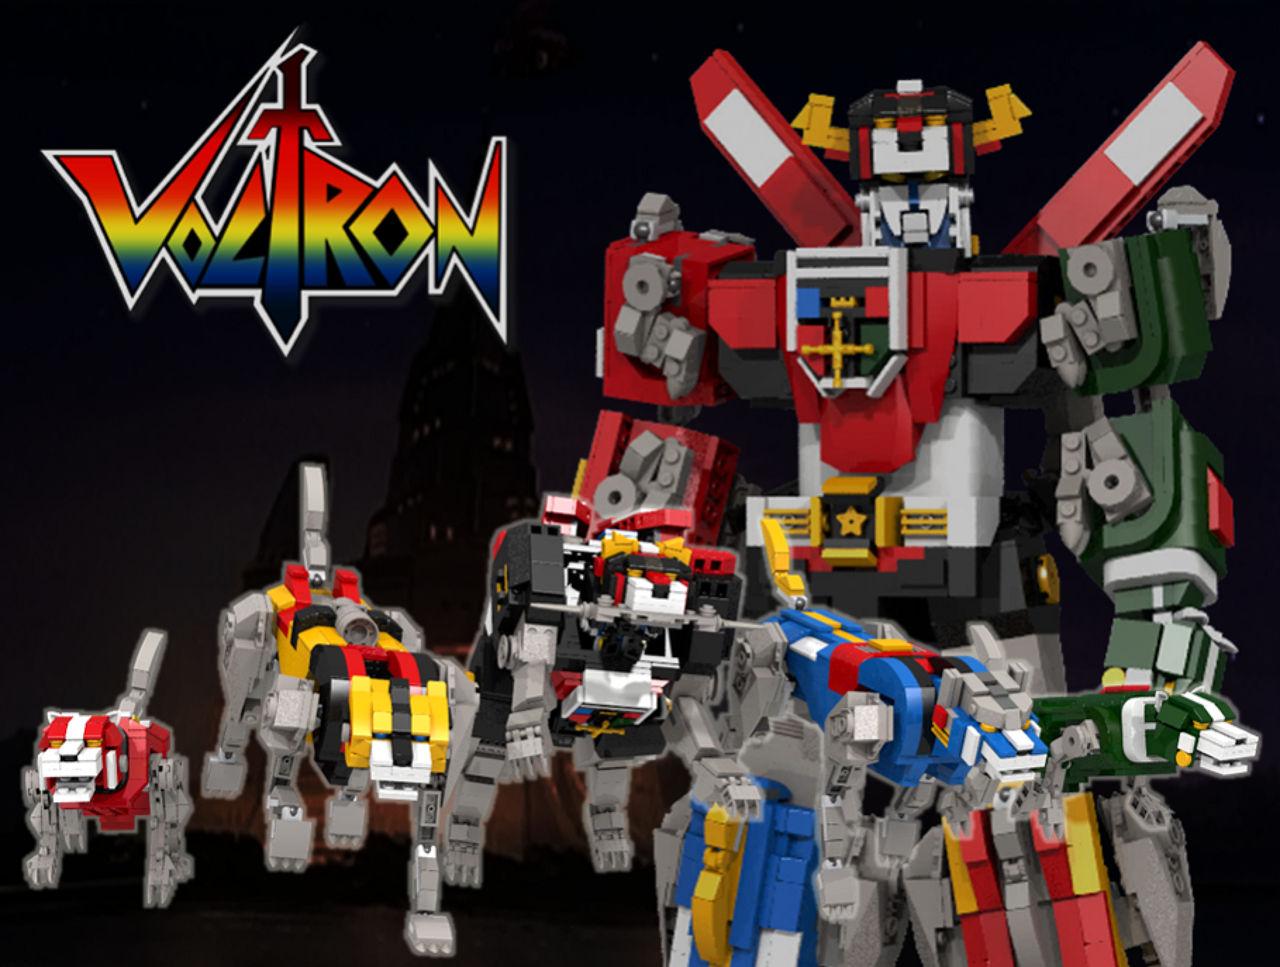 LEGO ska släppa Voltron-byggsats